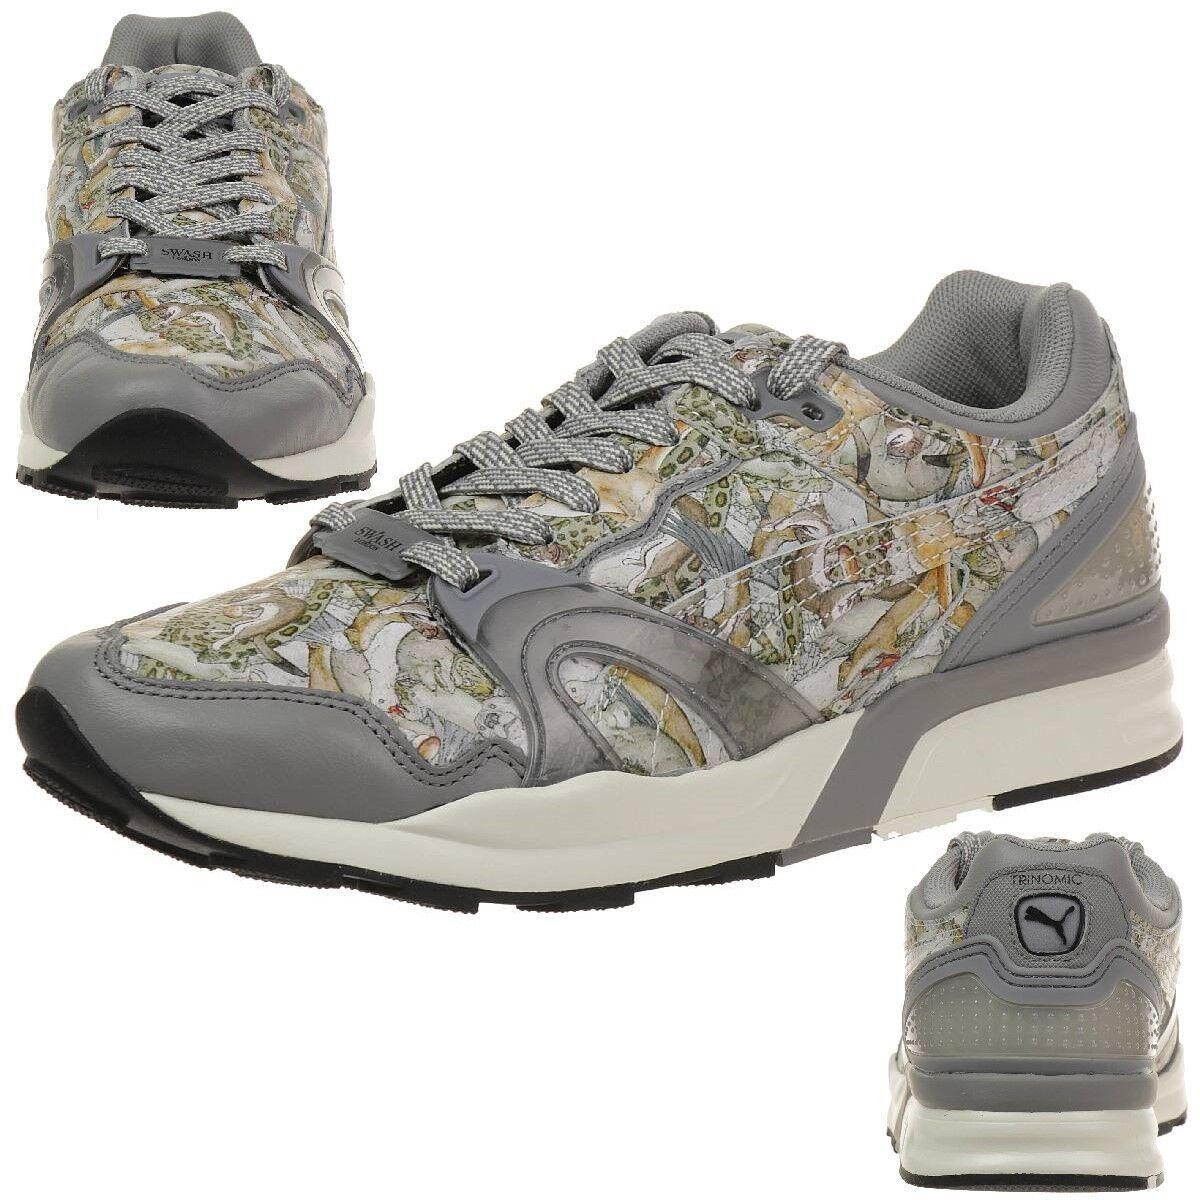 puma xt2   x audace londres wtt trinomic londres audace formateurs chaussures 359323 01 c3a4d5